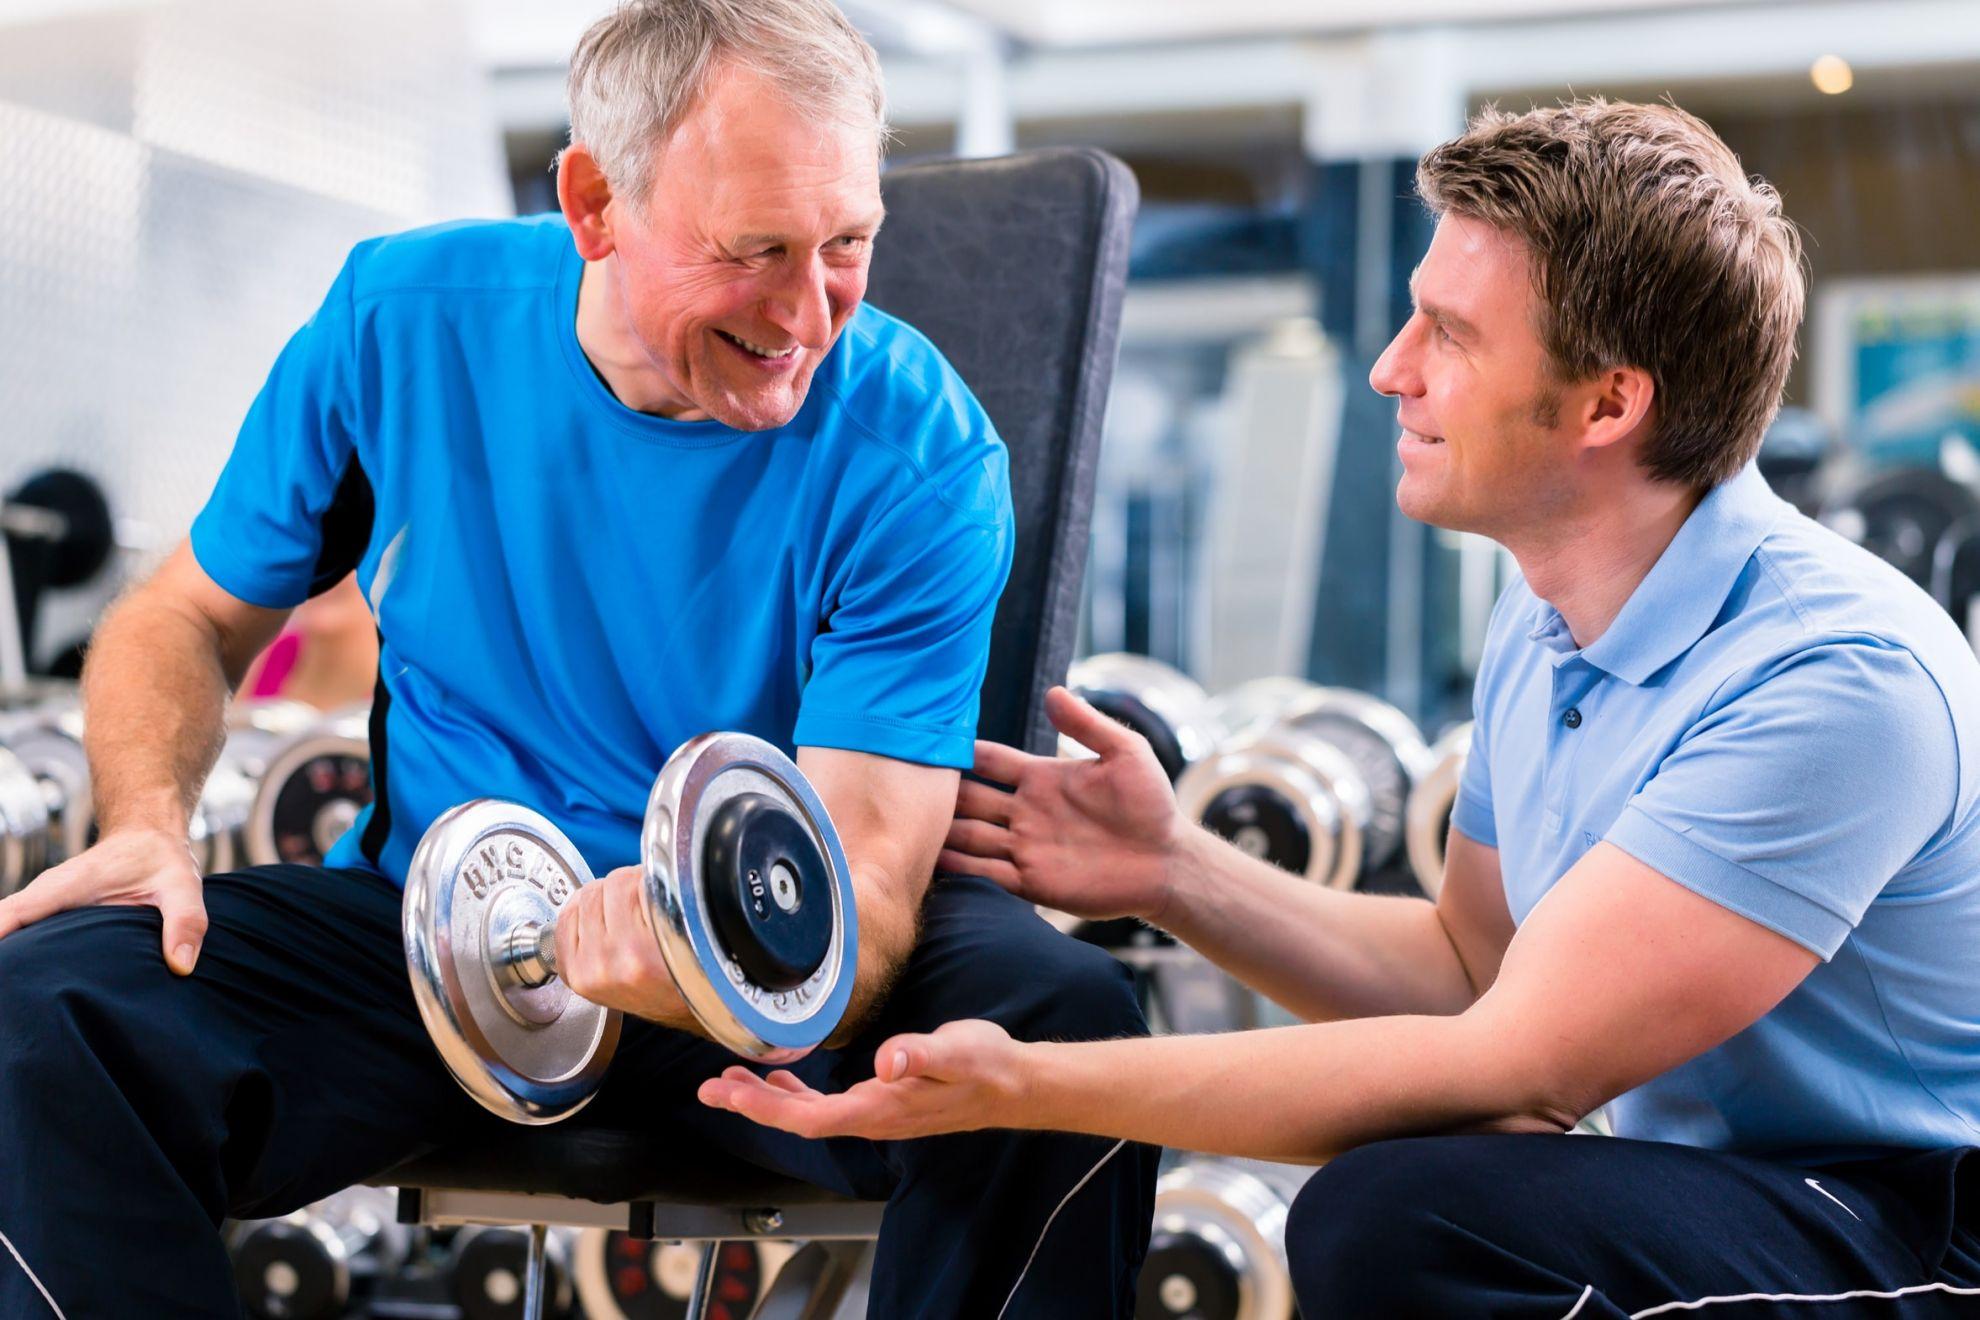 immer mehr senioren gehen ins fitness studio drehscheibe. Black Bedroom Furniture Sets. Home Design Ideas